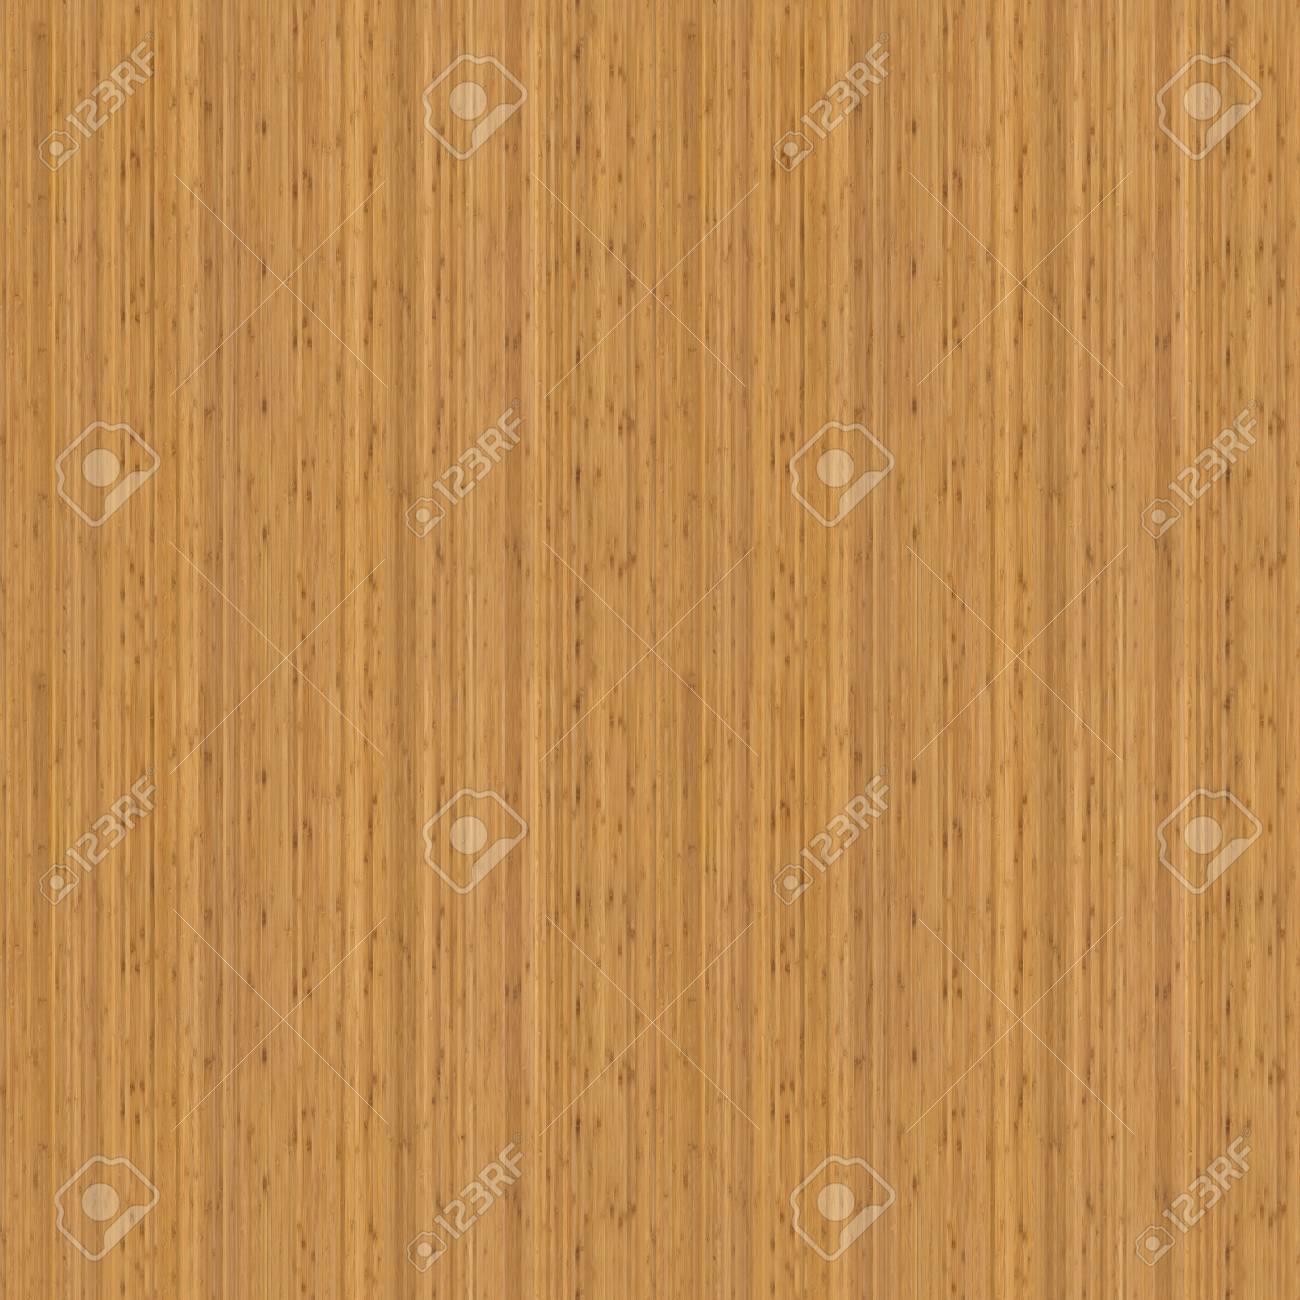 Wood Desk Texture. Plain View Stock Photo - 21800462